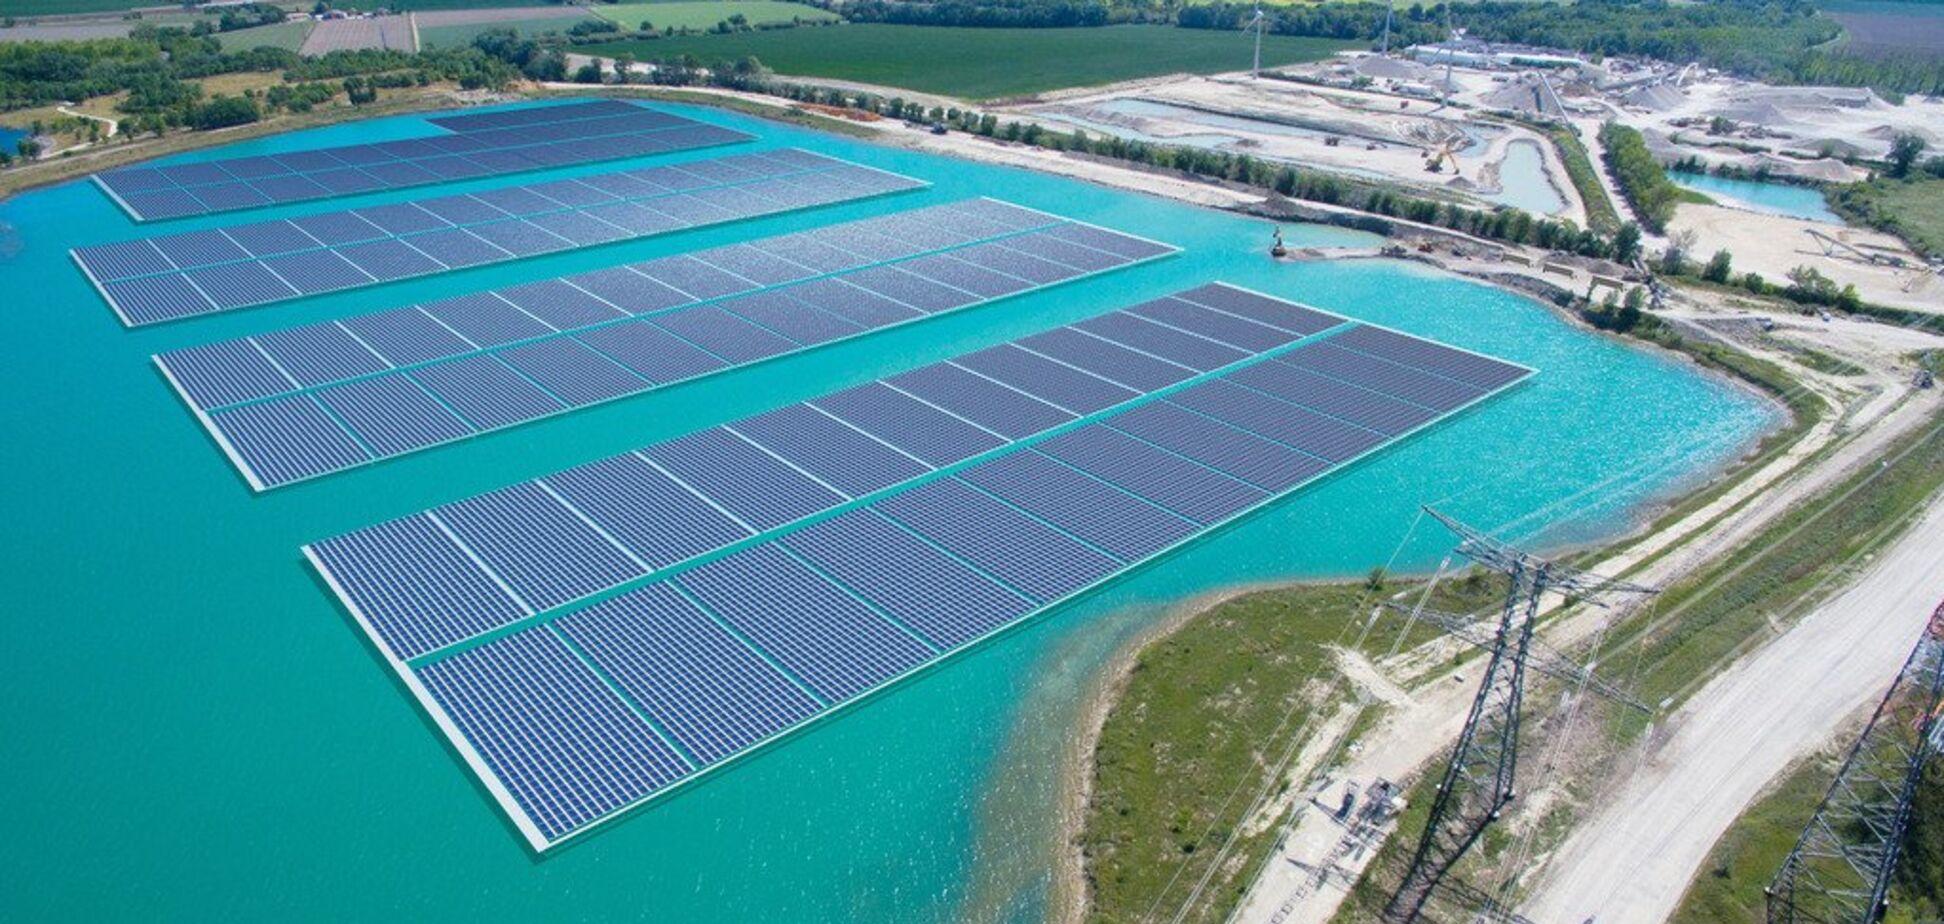 Плавучий електрогенератор: в Європі відкрилася незвичайна сонячна електростанція: відео